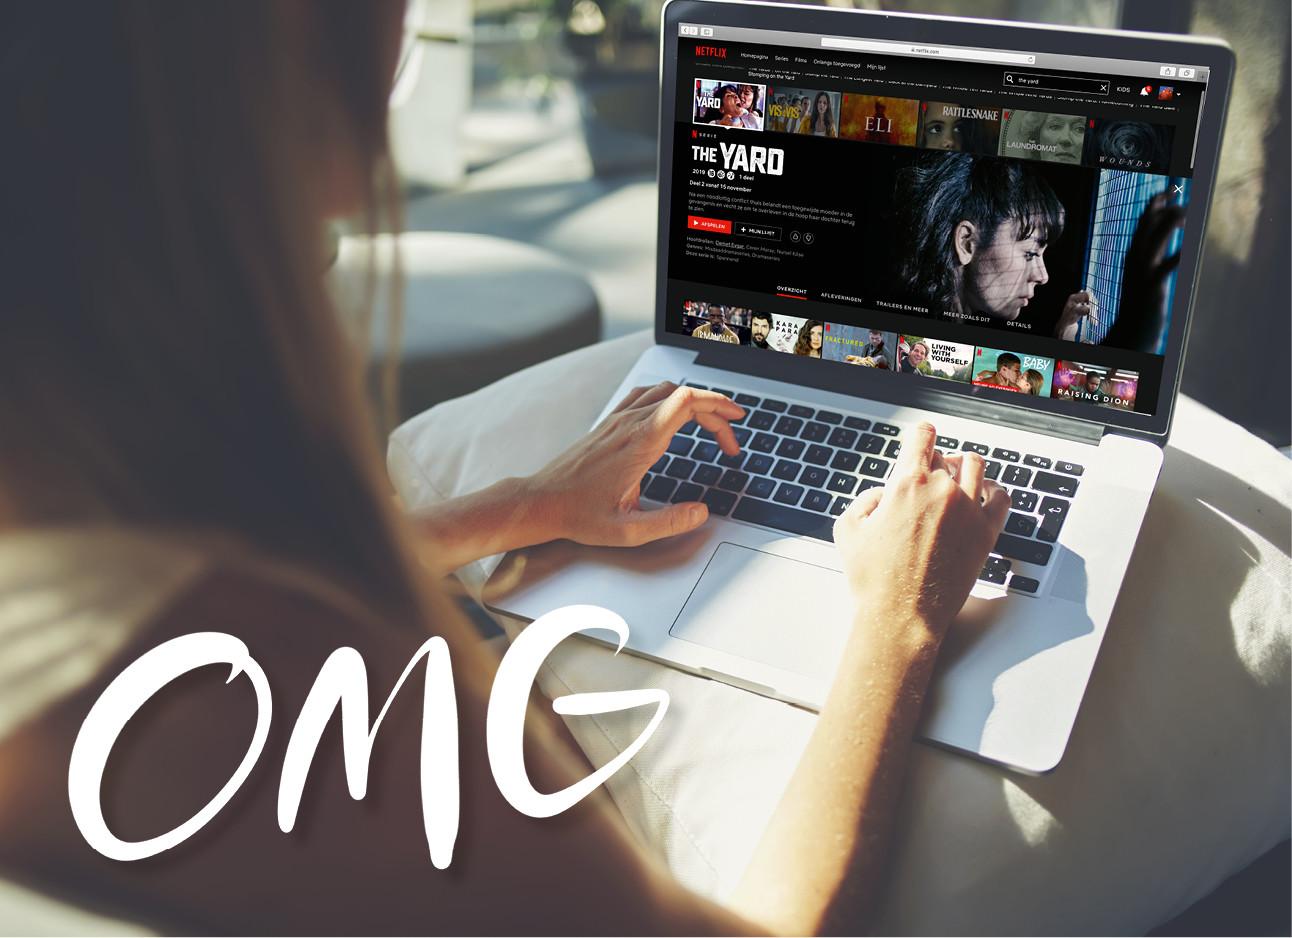 een meisje dat achter haar laptop zit en netflix kijkt